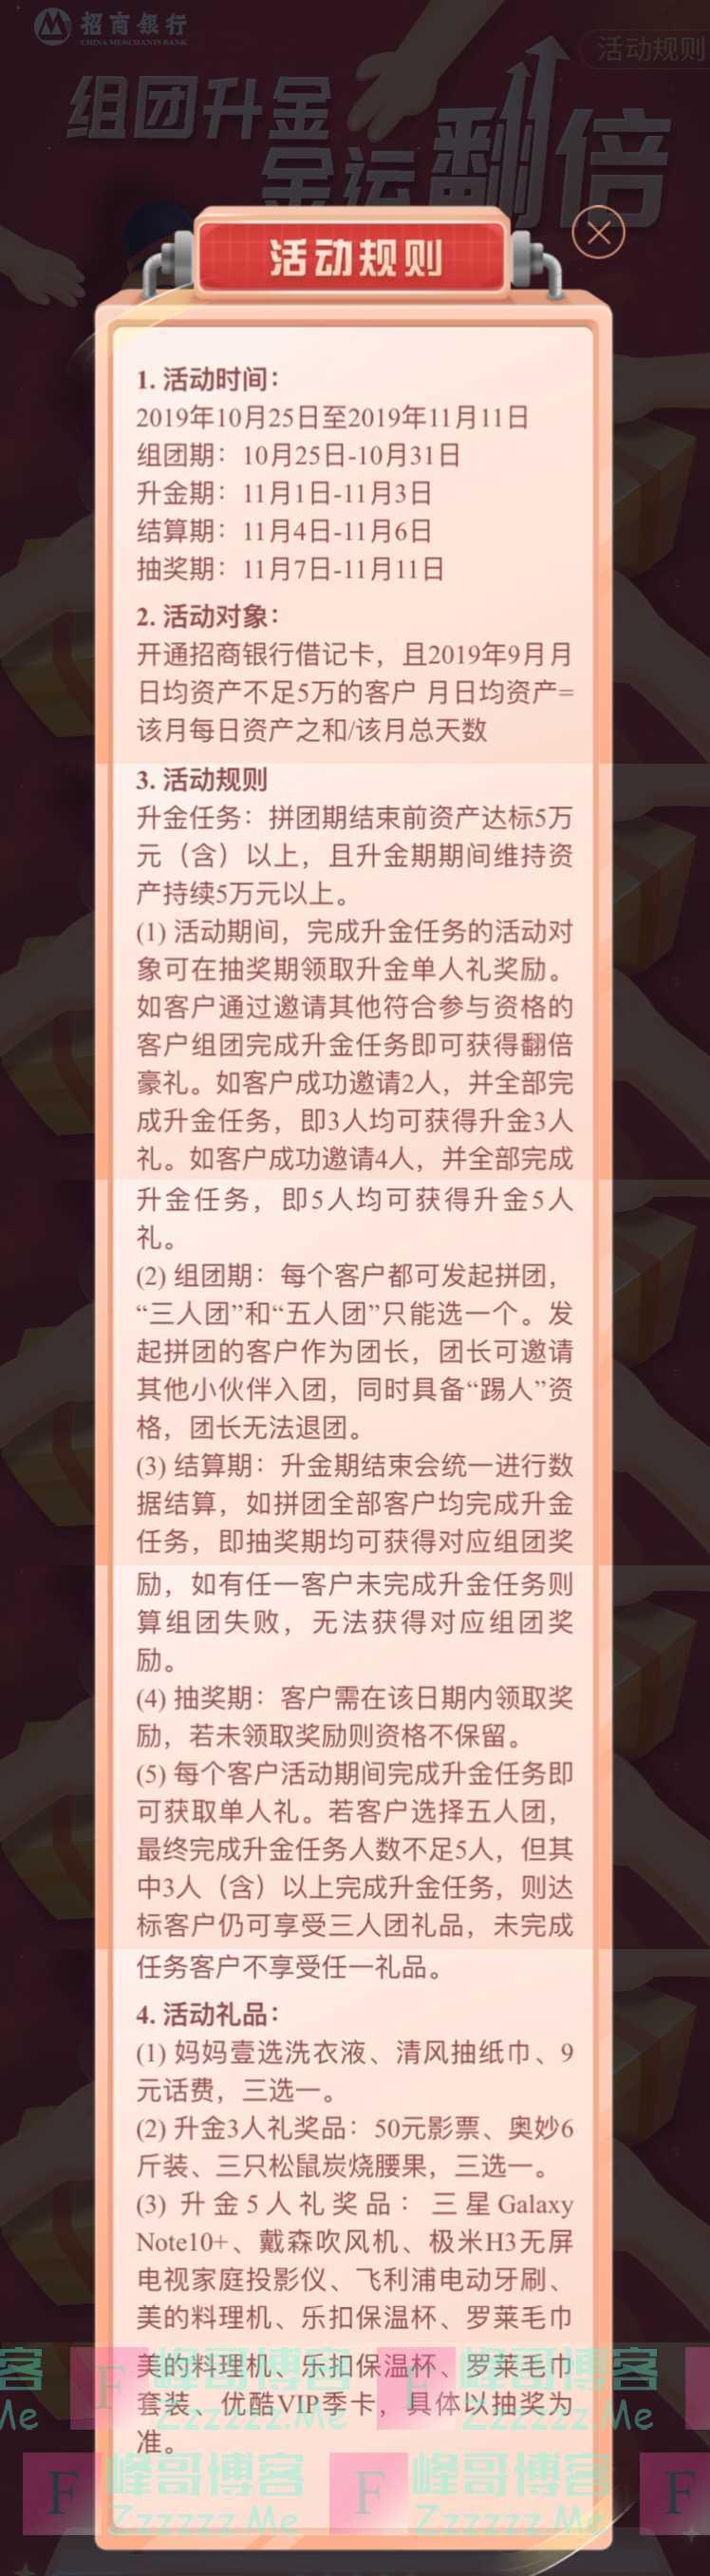 招商银行组团升金 金运翻倍 赢三星note10等惊喜好礼(11月11日截止)